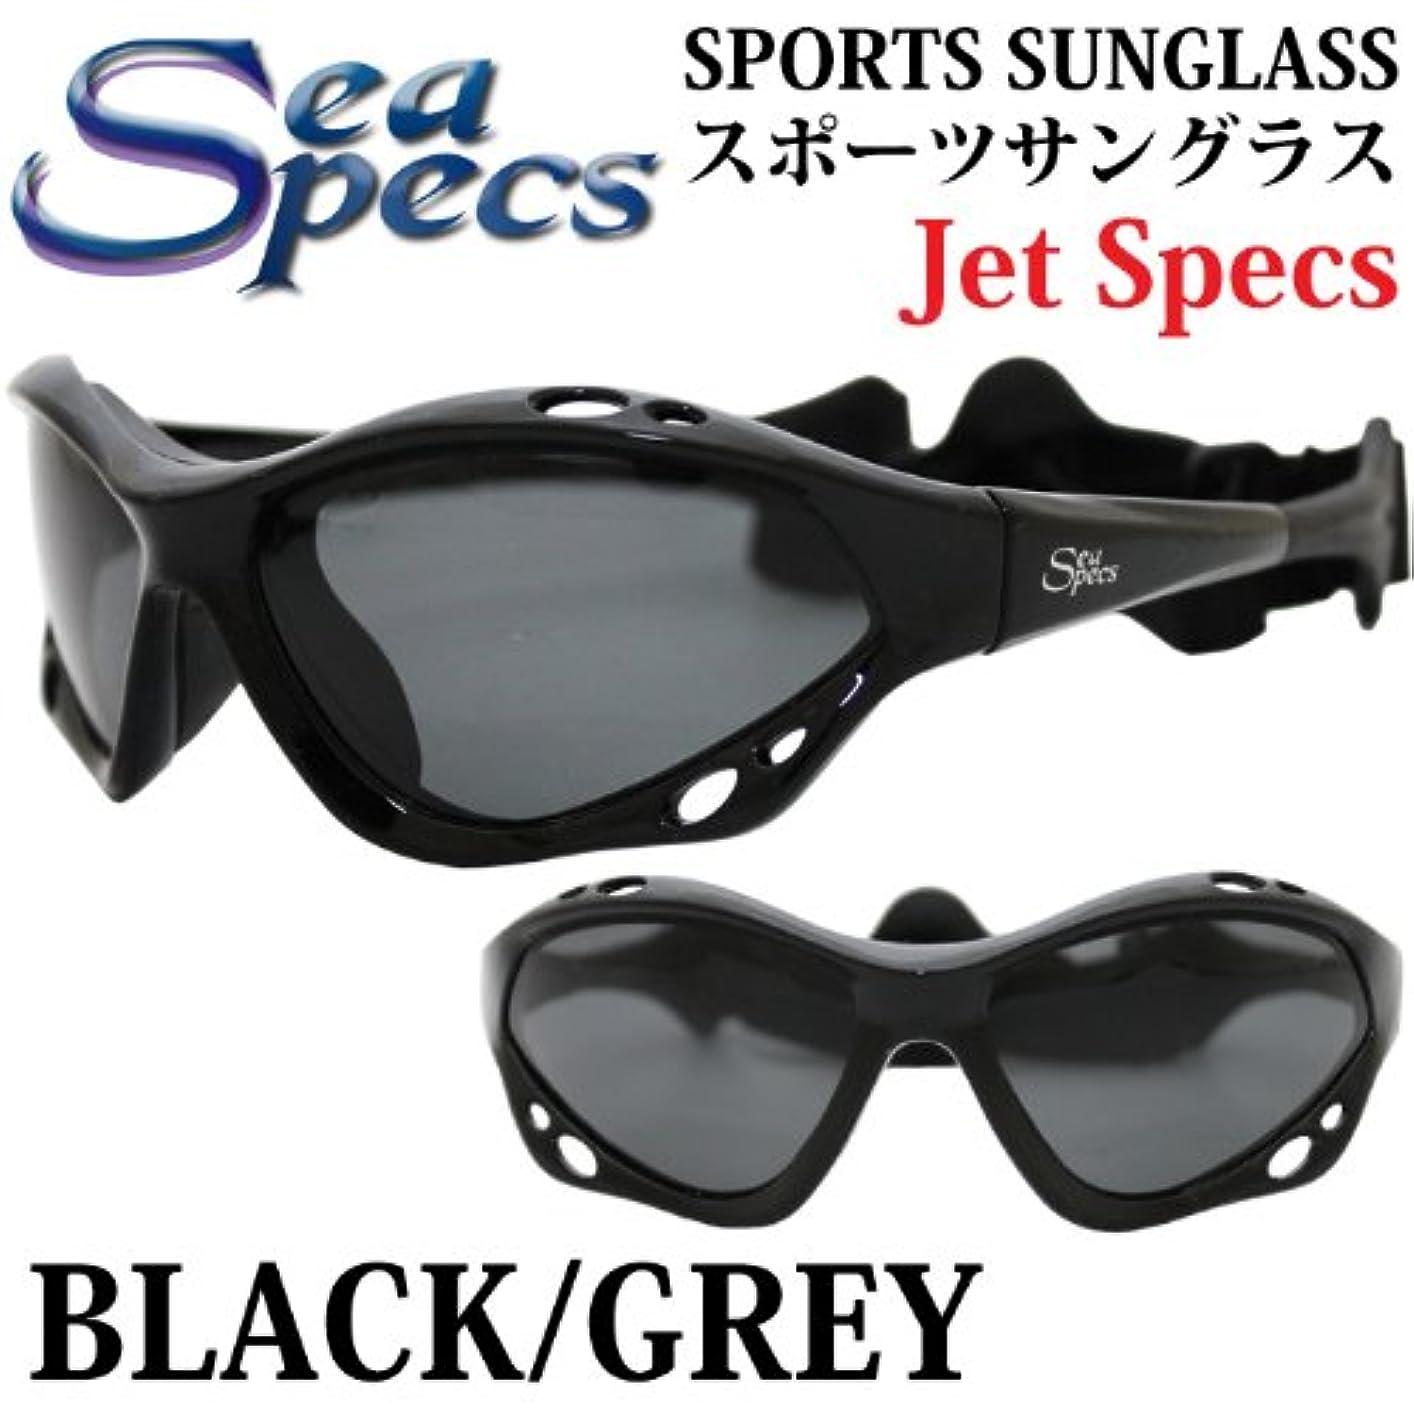 カーテン概念平日スポーツサングラス 偏光レンズ Sea Specs シースペックス Jet Specs ブラック/グレーレンズ サーフィン用